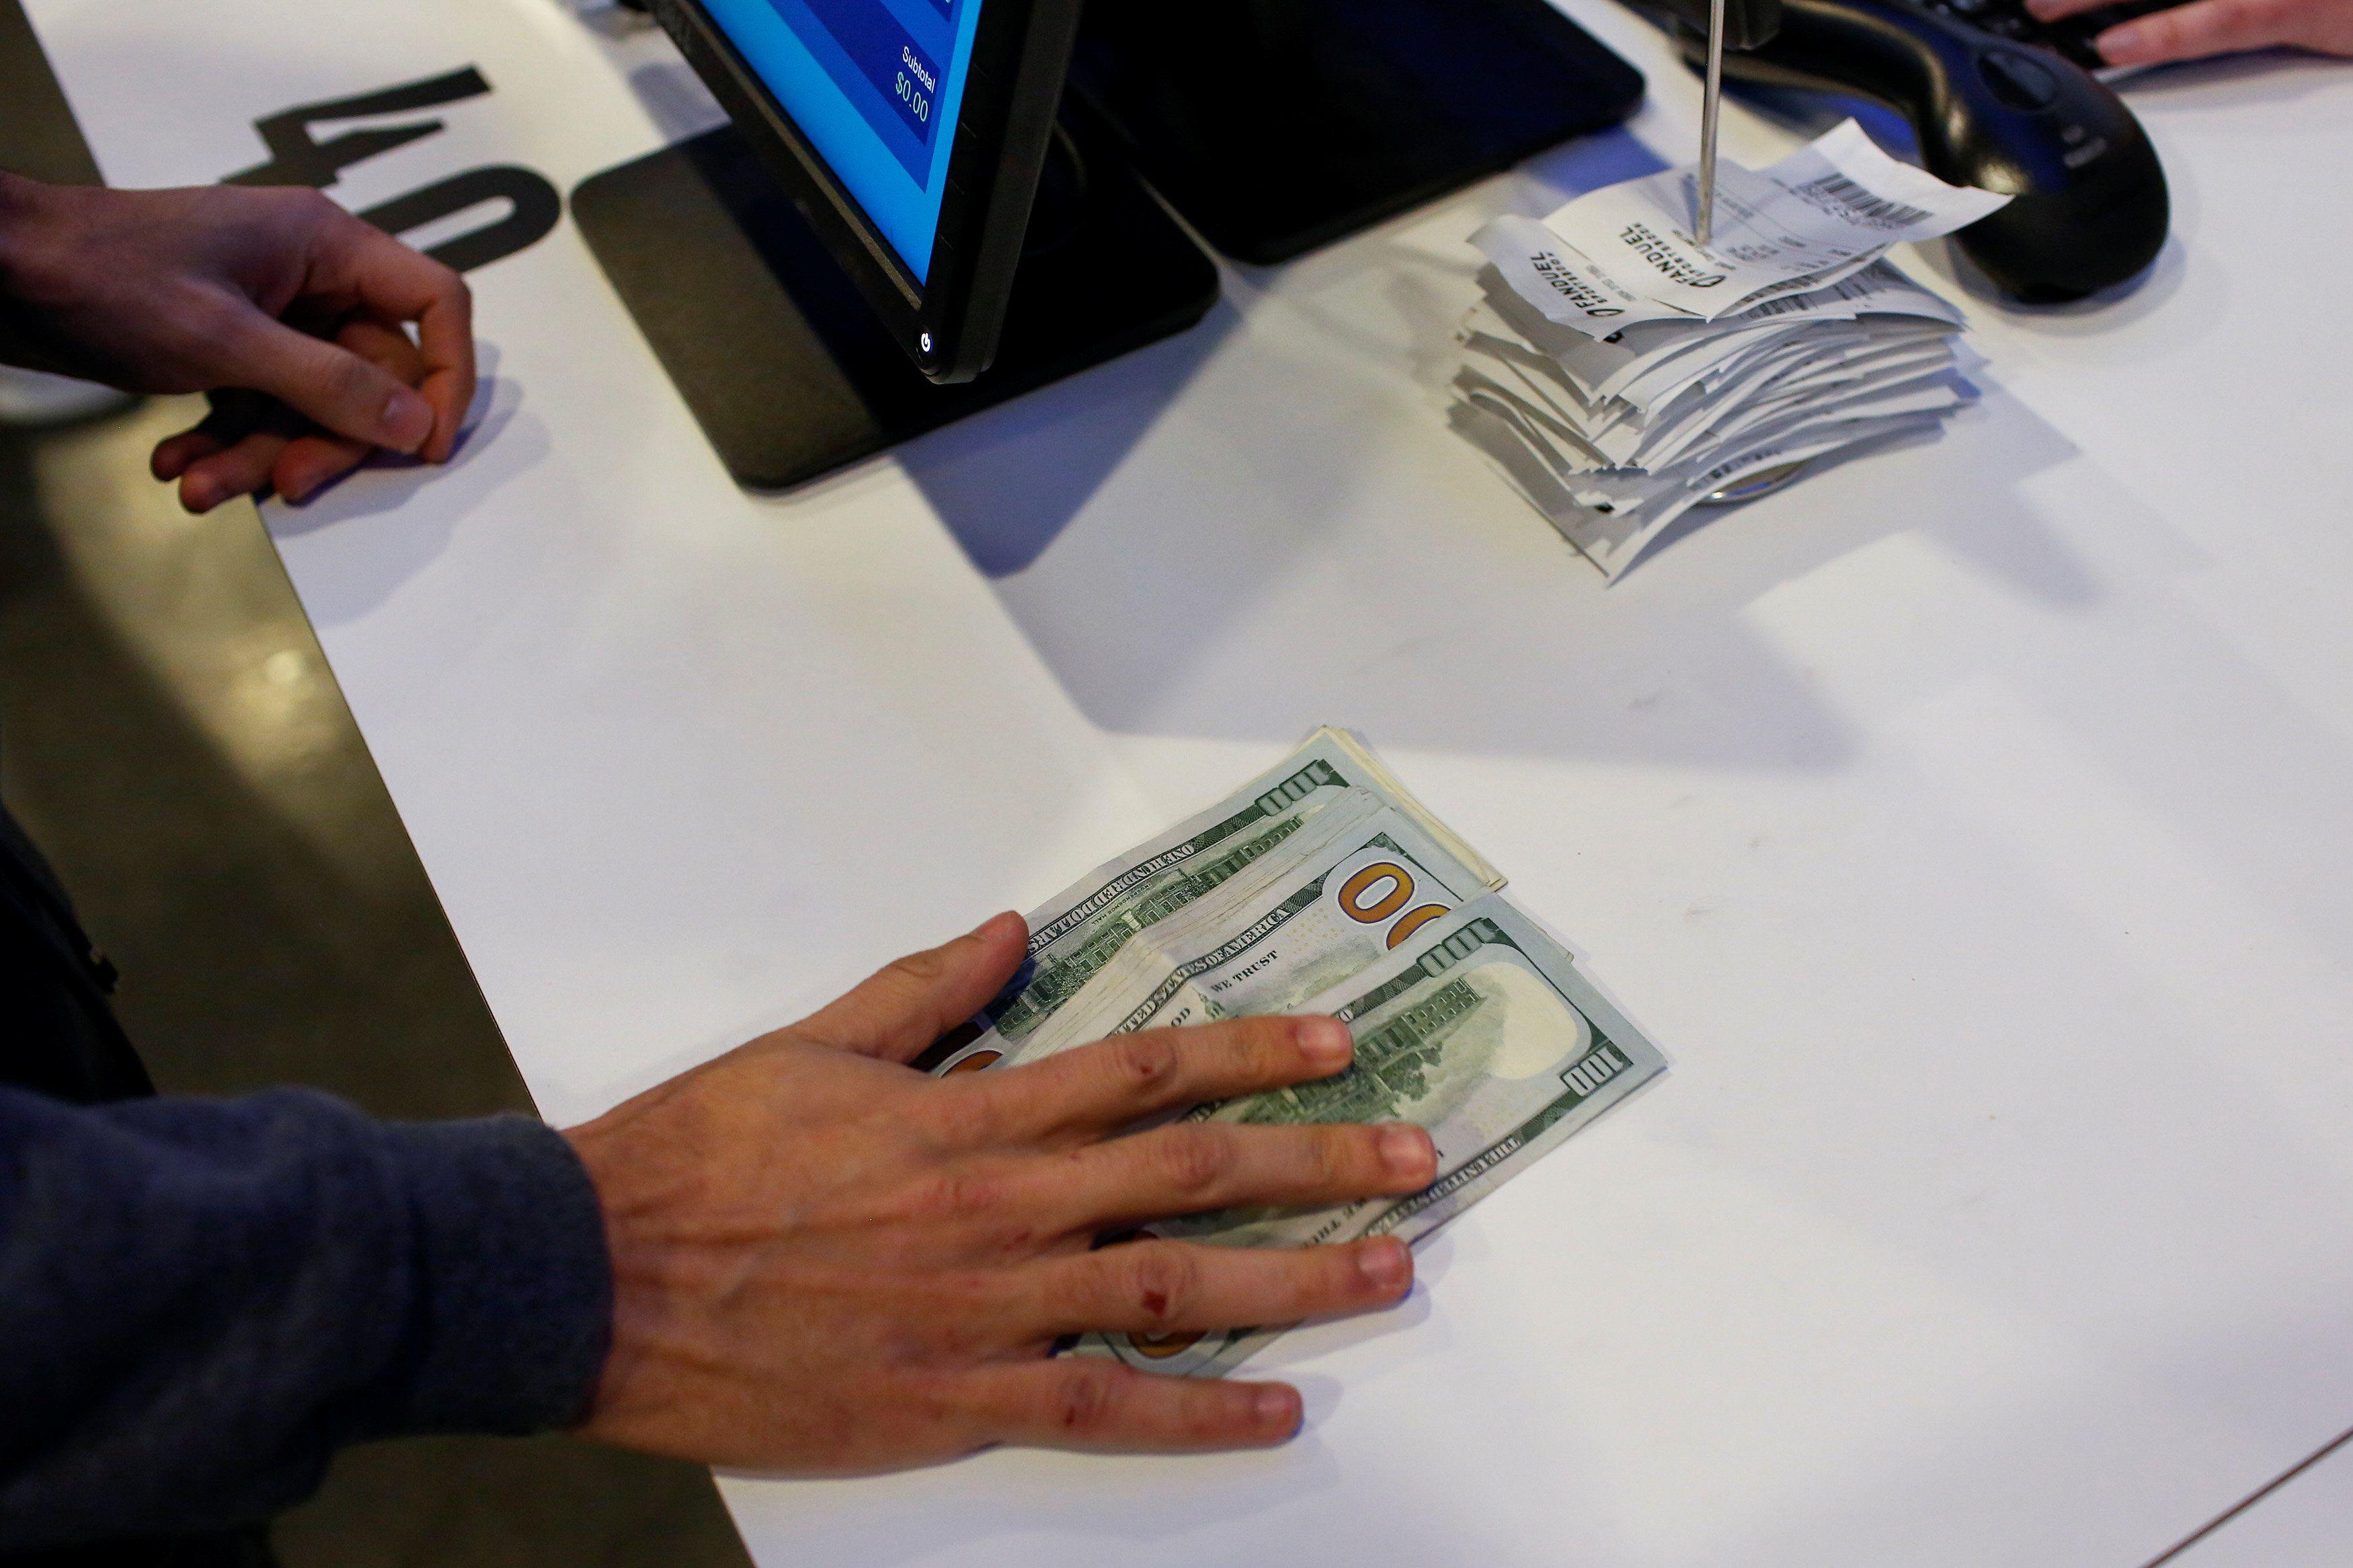 El empresario apuesta con los menores riesgos posibles (Foto: Eduardo Muñoz/ Reuters)